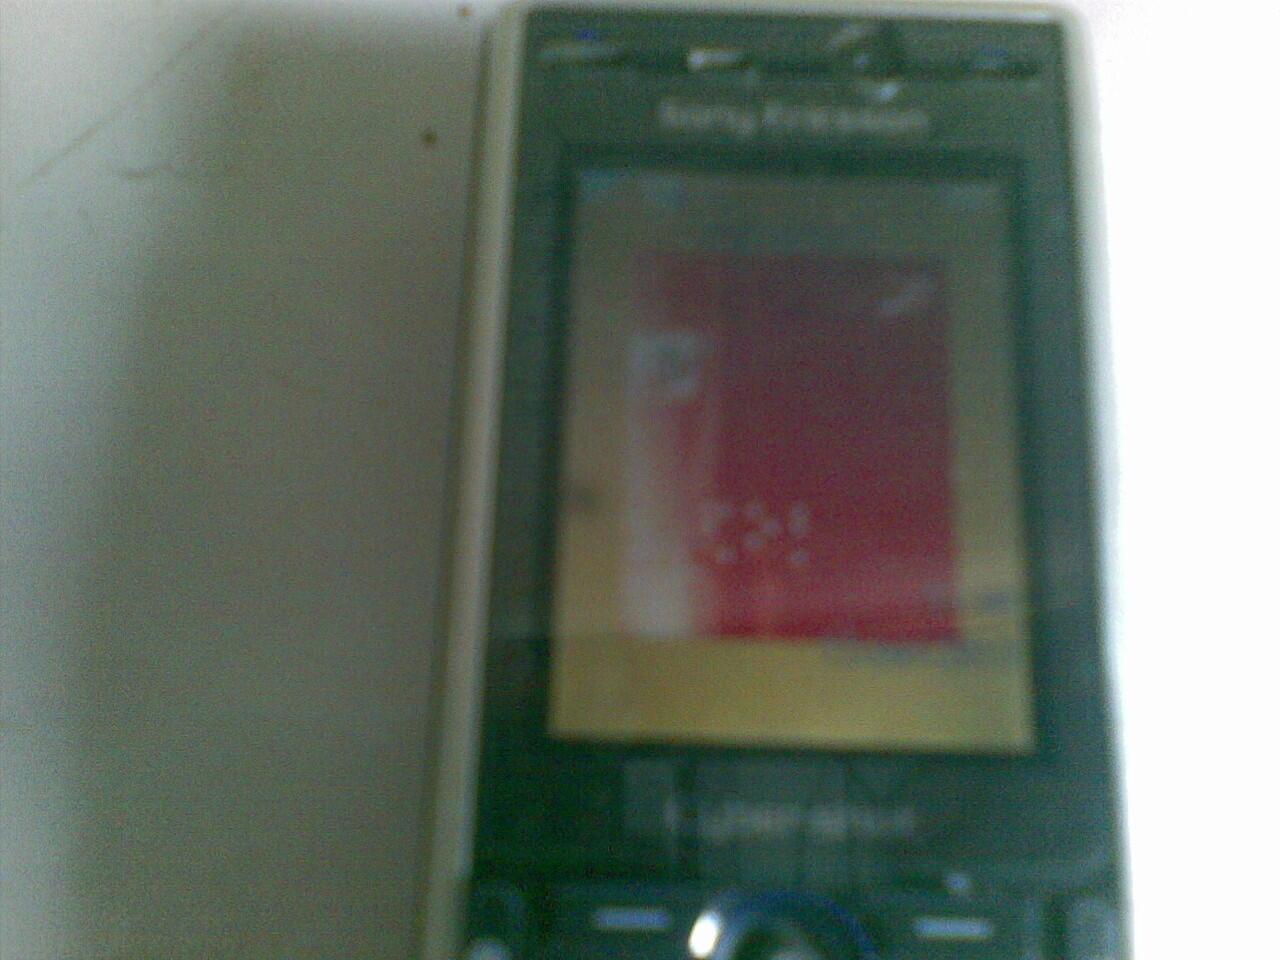 SONER K810i